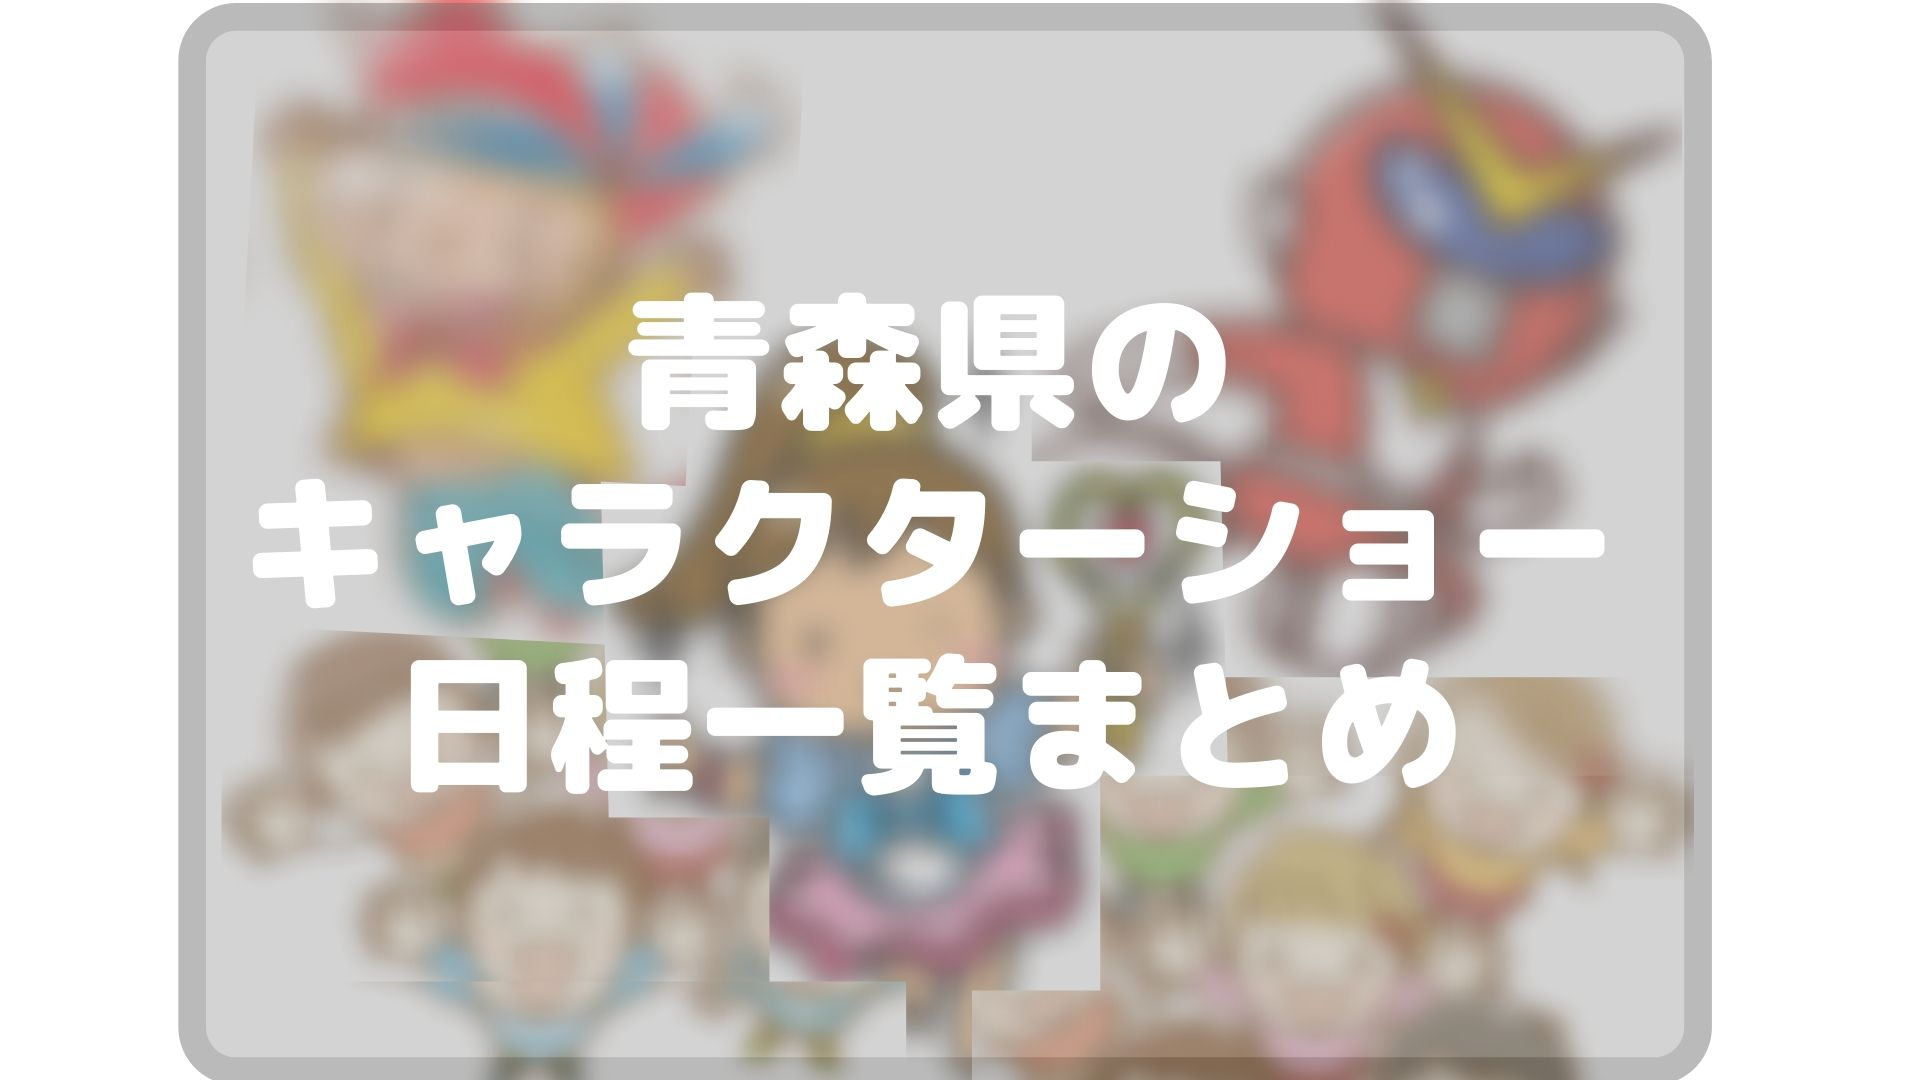 青森県のキャラクターショーまとめタイトル画像